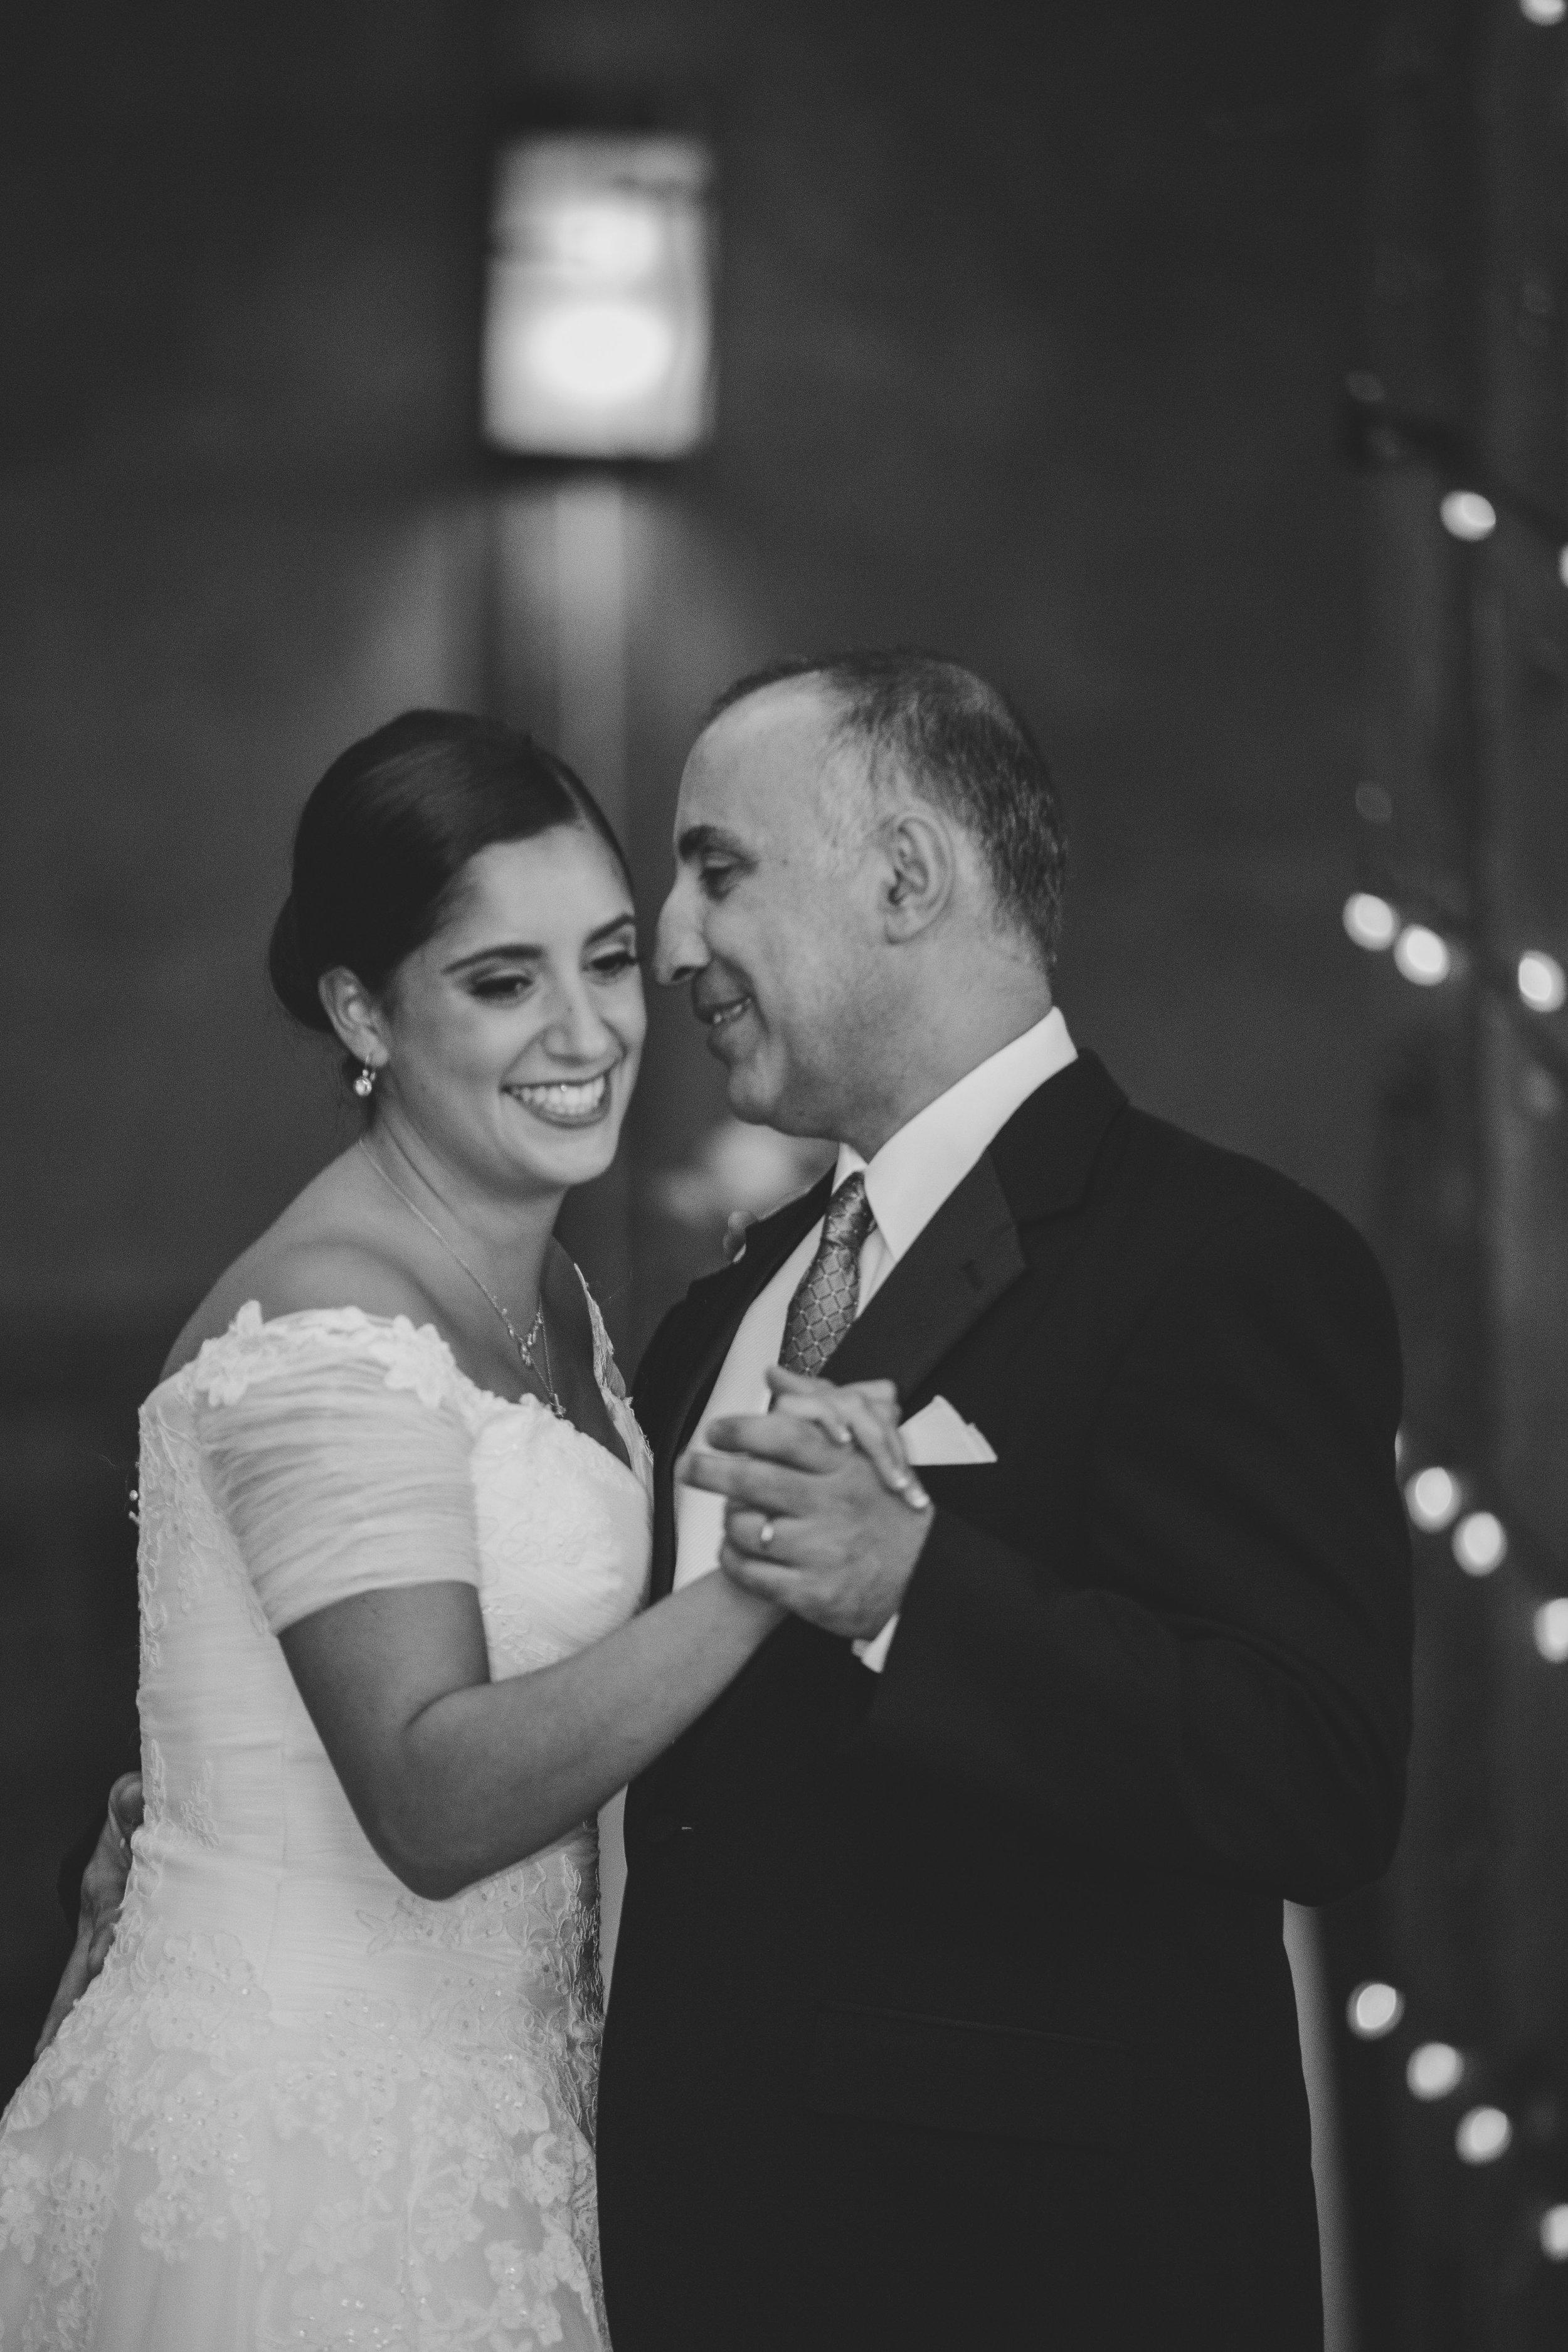 ATGI_Magali & Josh Wedding1__264.jpg